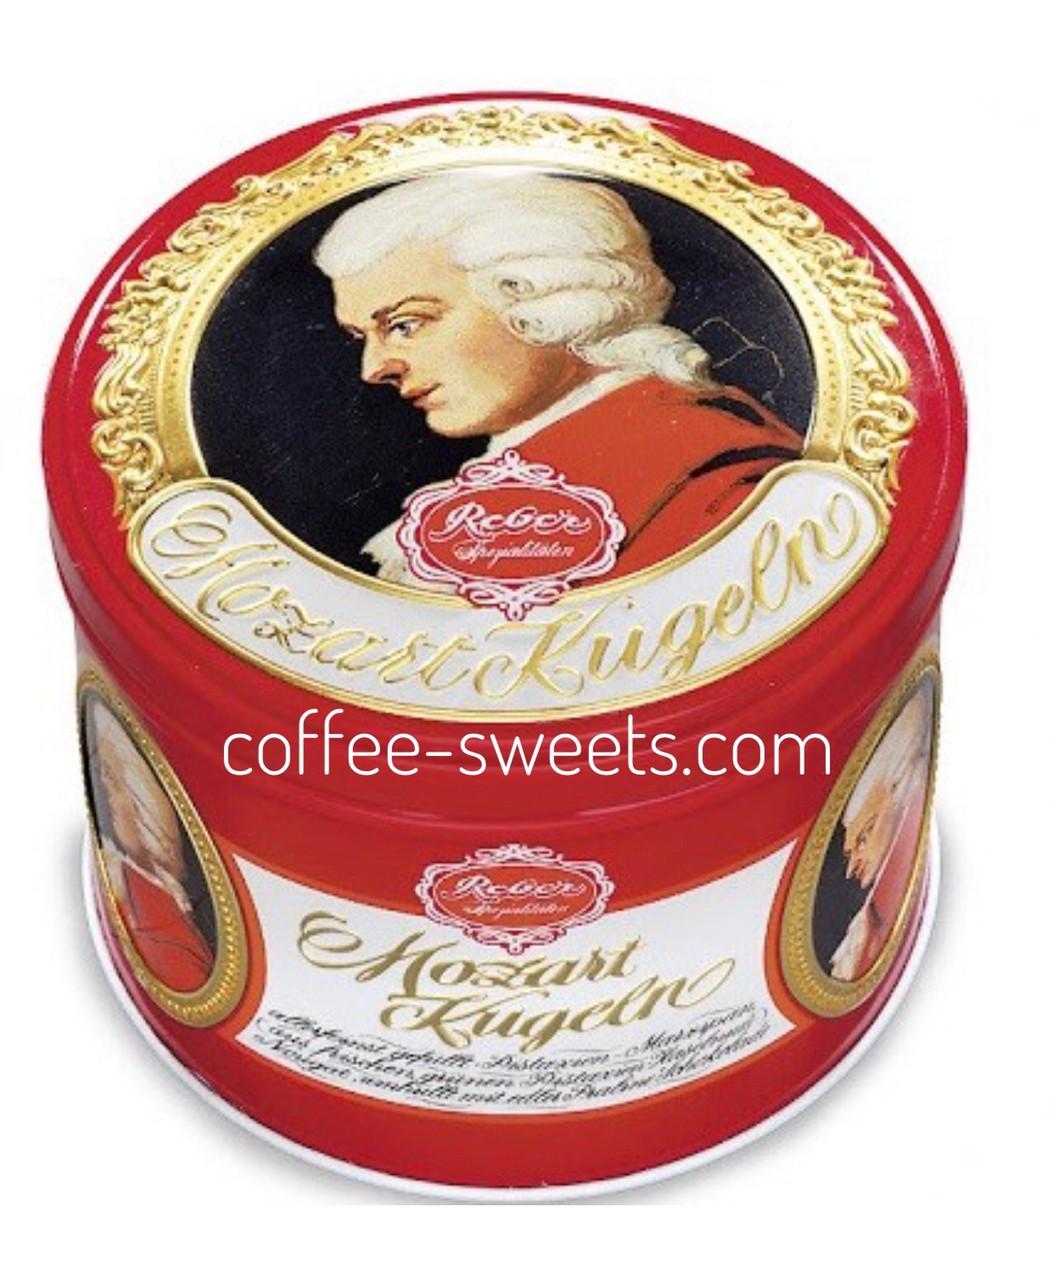 Конфеты шоколадные Mozart Kugeln Reber в молочном шоколаде 300g